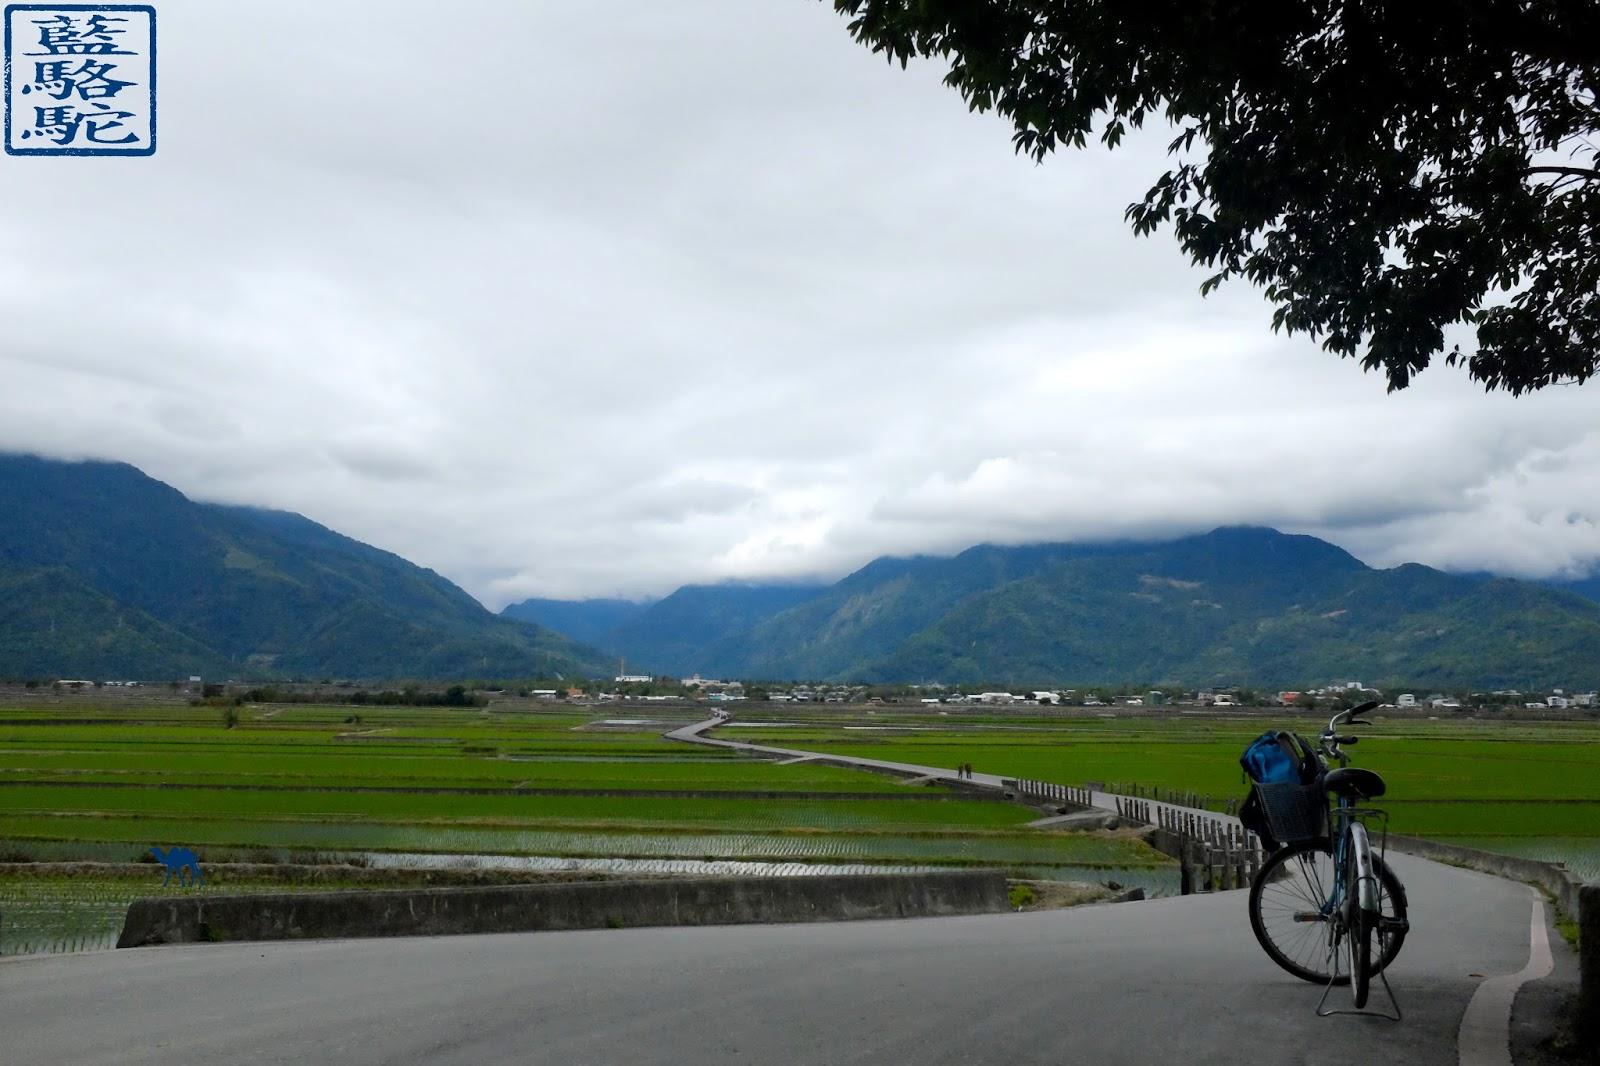 Le Chameau Bleu - ChiShang - Riziere de Taiwan ile de Formose - voyage